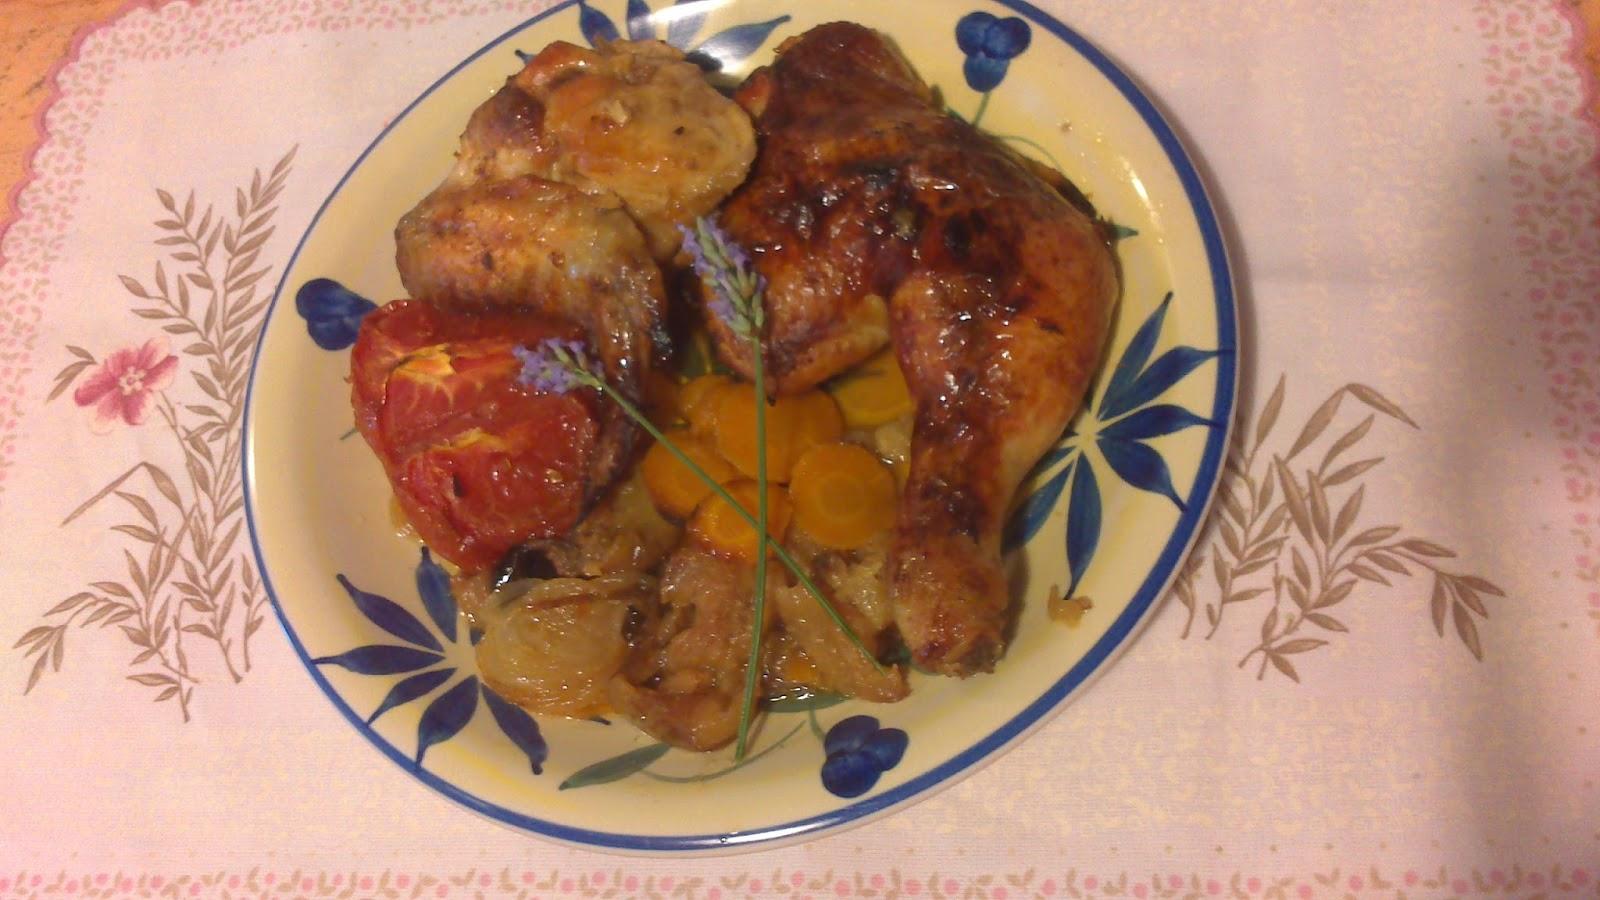 Las recetas de carmen ramos cocina mariposa pollo asado - Cocina con carmen ...